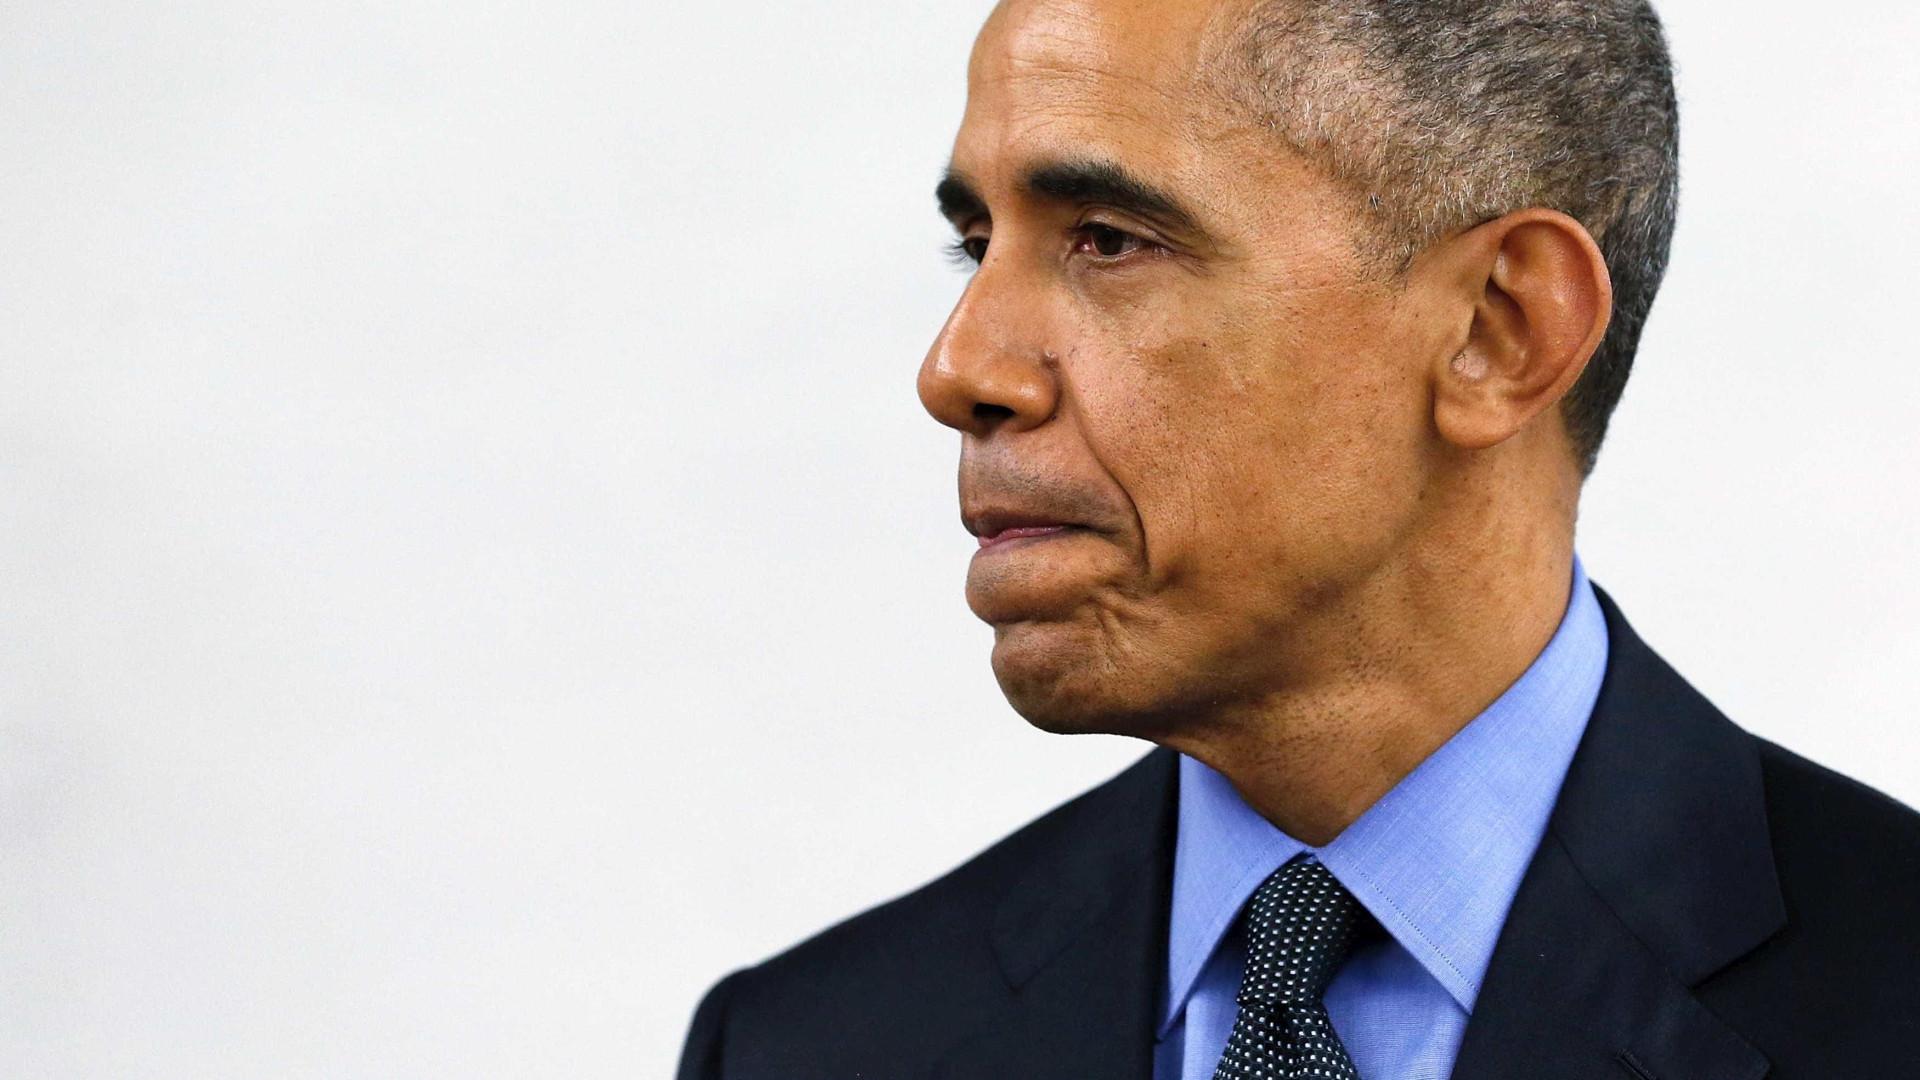 Em SP, Barack Obama dará palestra em evento sobre negócios digitais